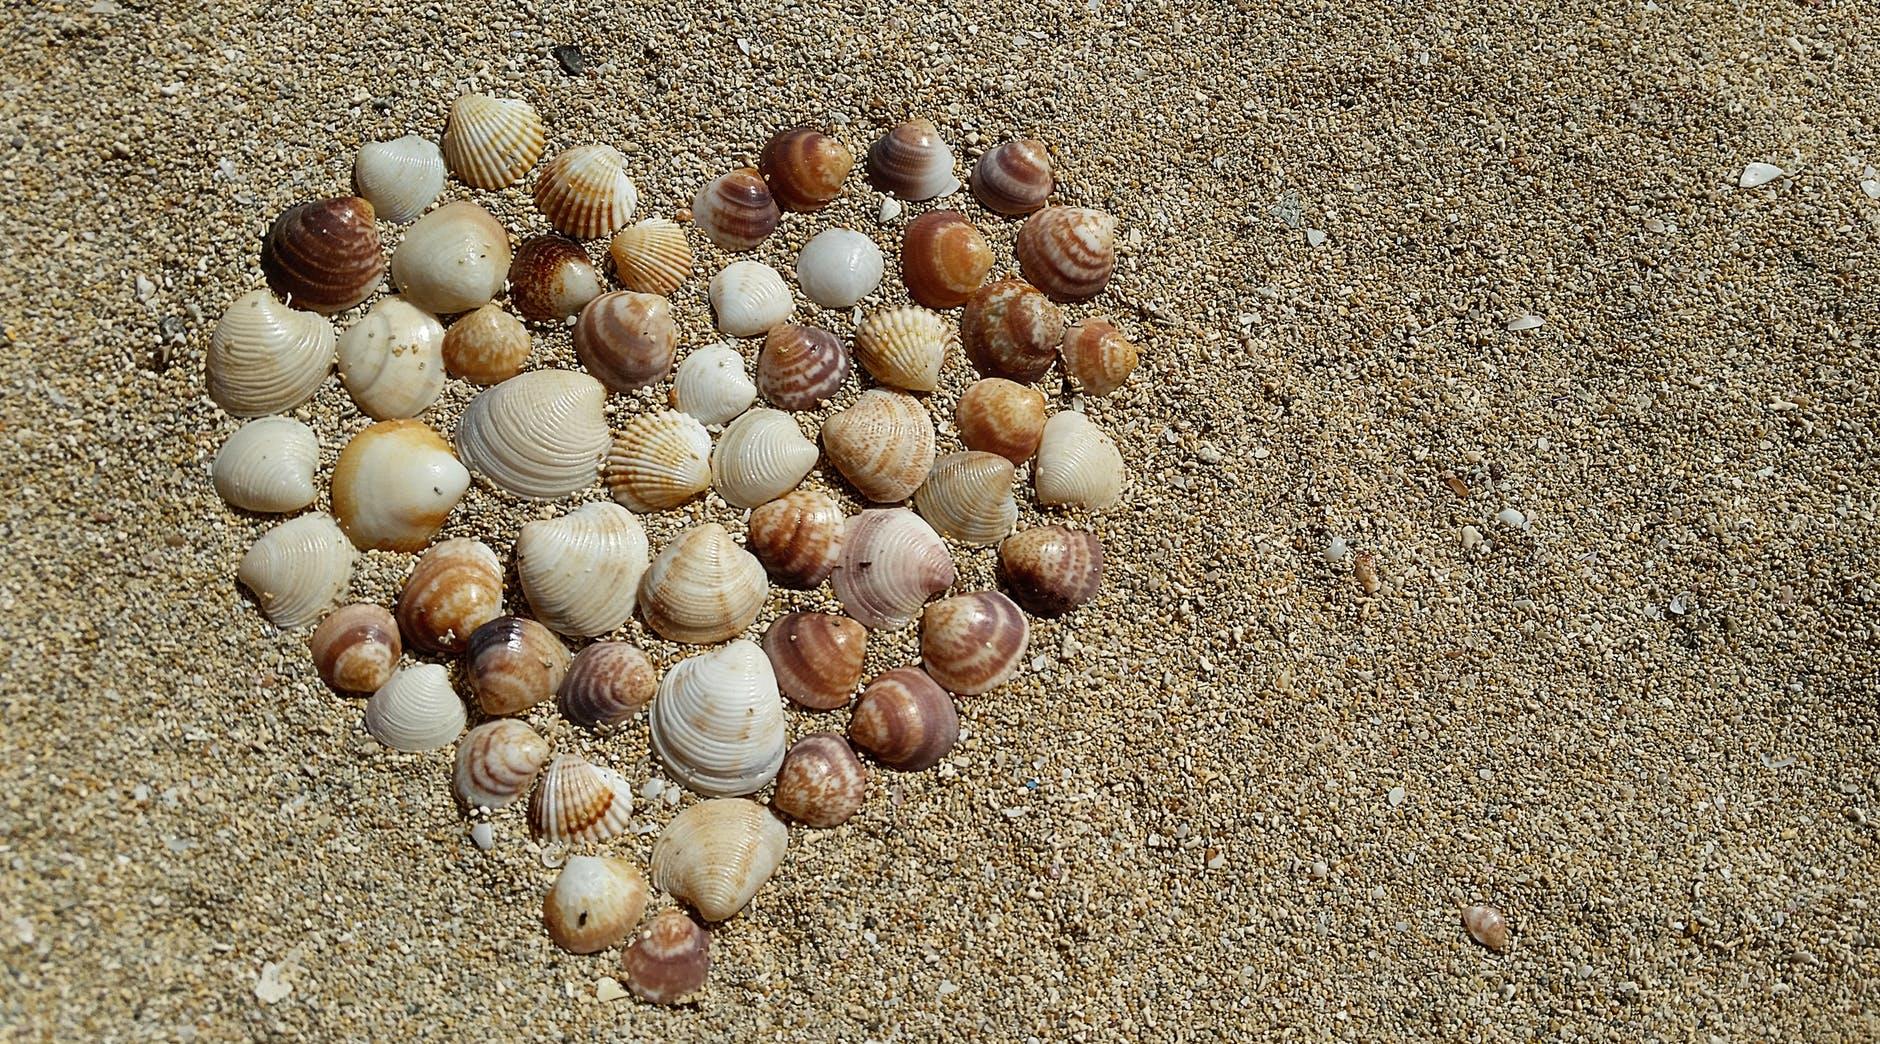 heart-mussels-harmony-love-161002.jpeg